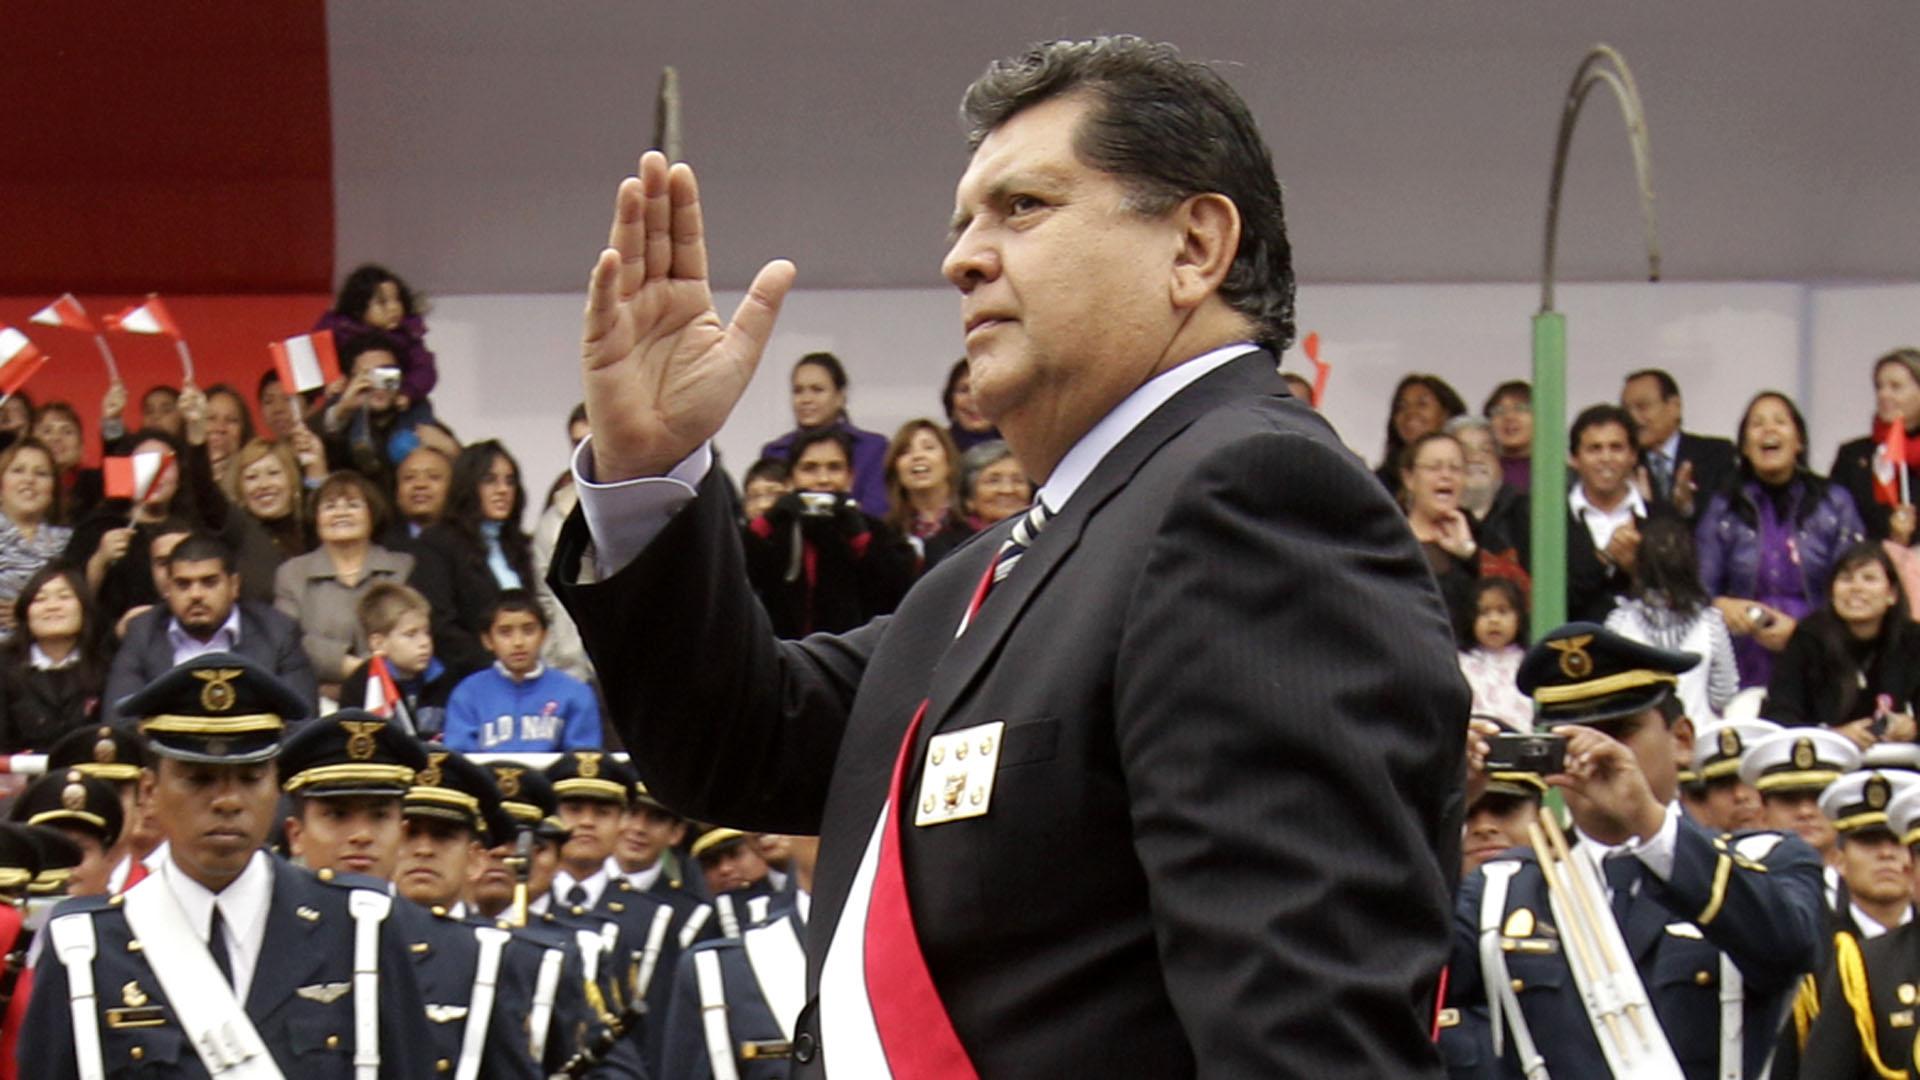 El expresidente Alan García se suicidó antes de ser arrestado